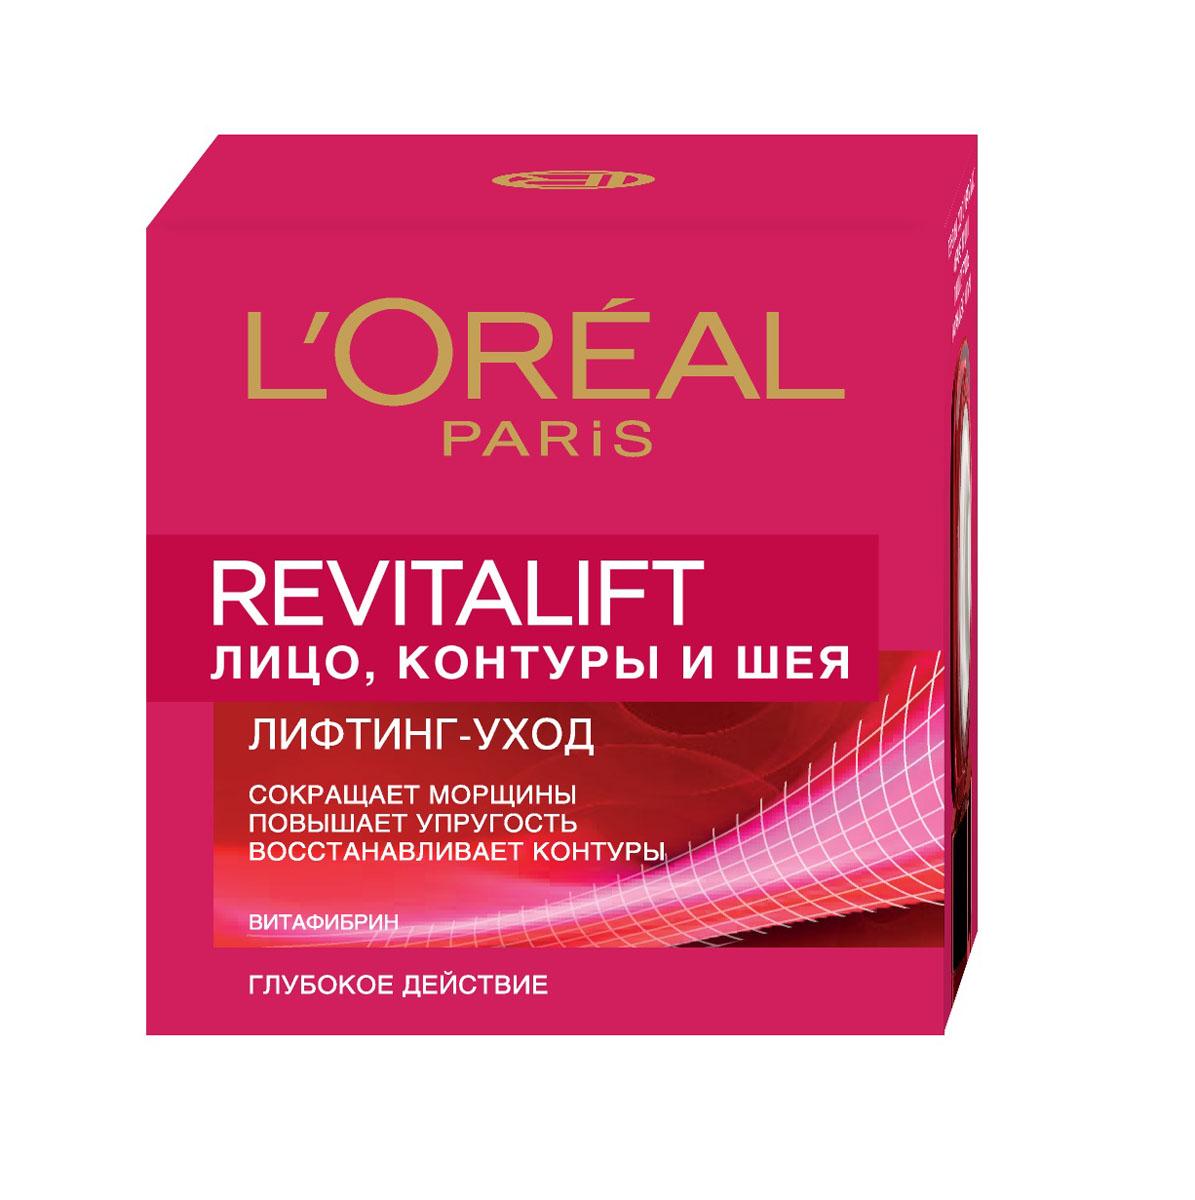 """L'Oreal Paris """"Revitalift"""" Антивозрастной крем против морщин для лица, контуров и шеи, 50 мл"""